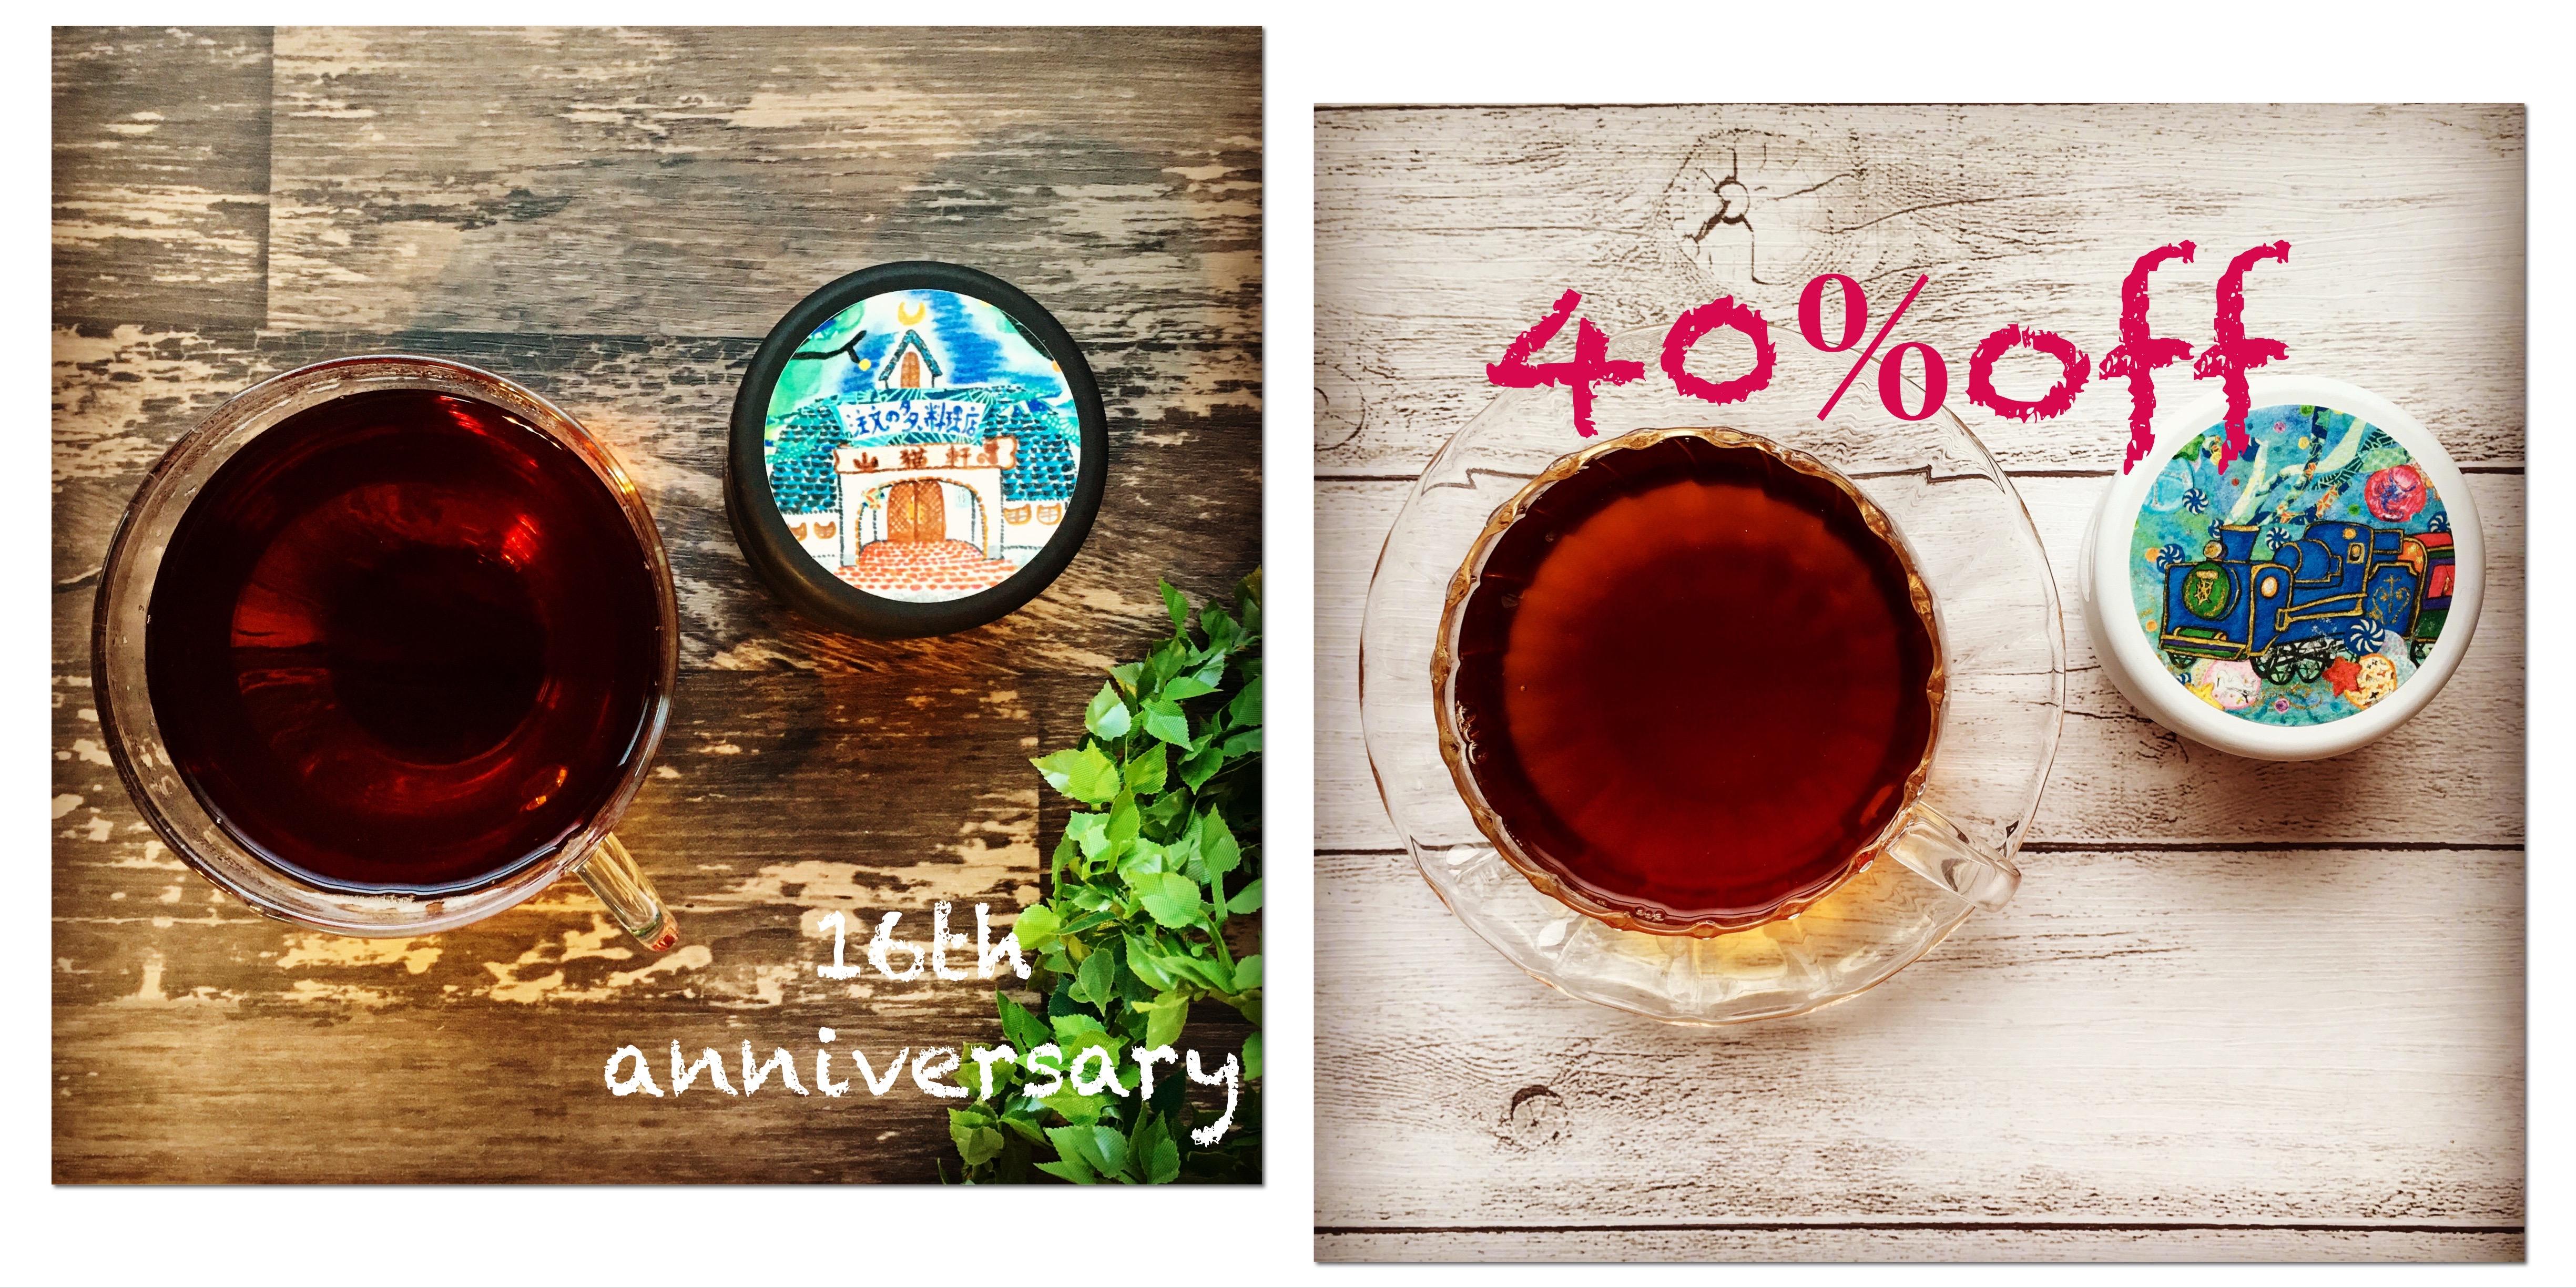 【お知らせ】16th anniversary 40%Off